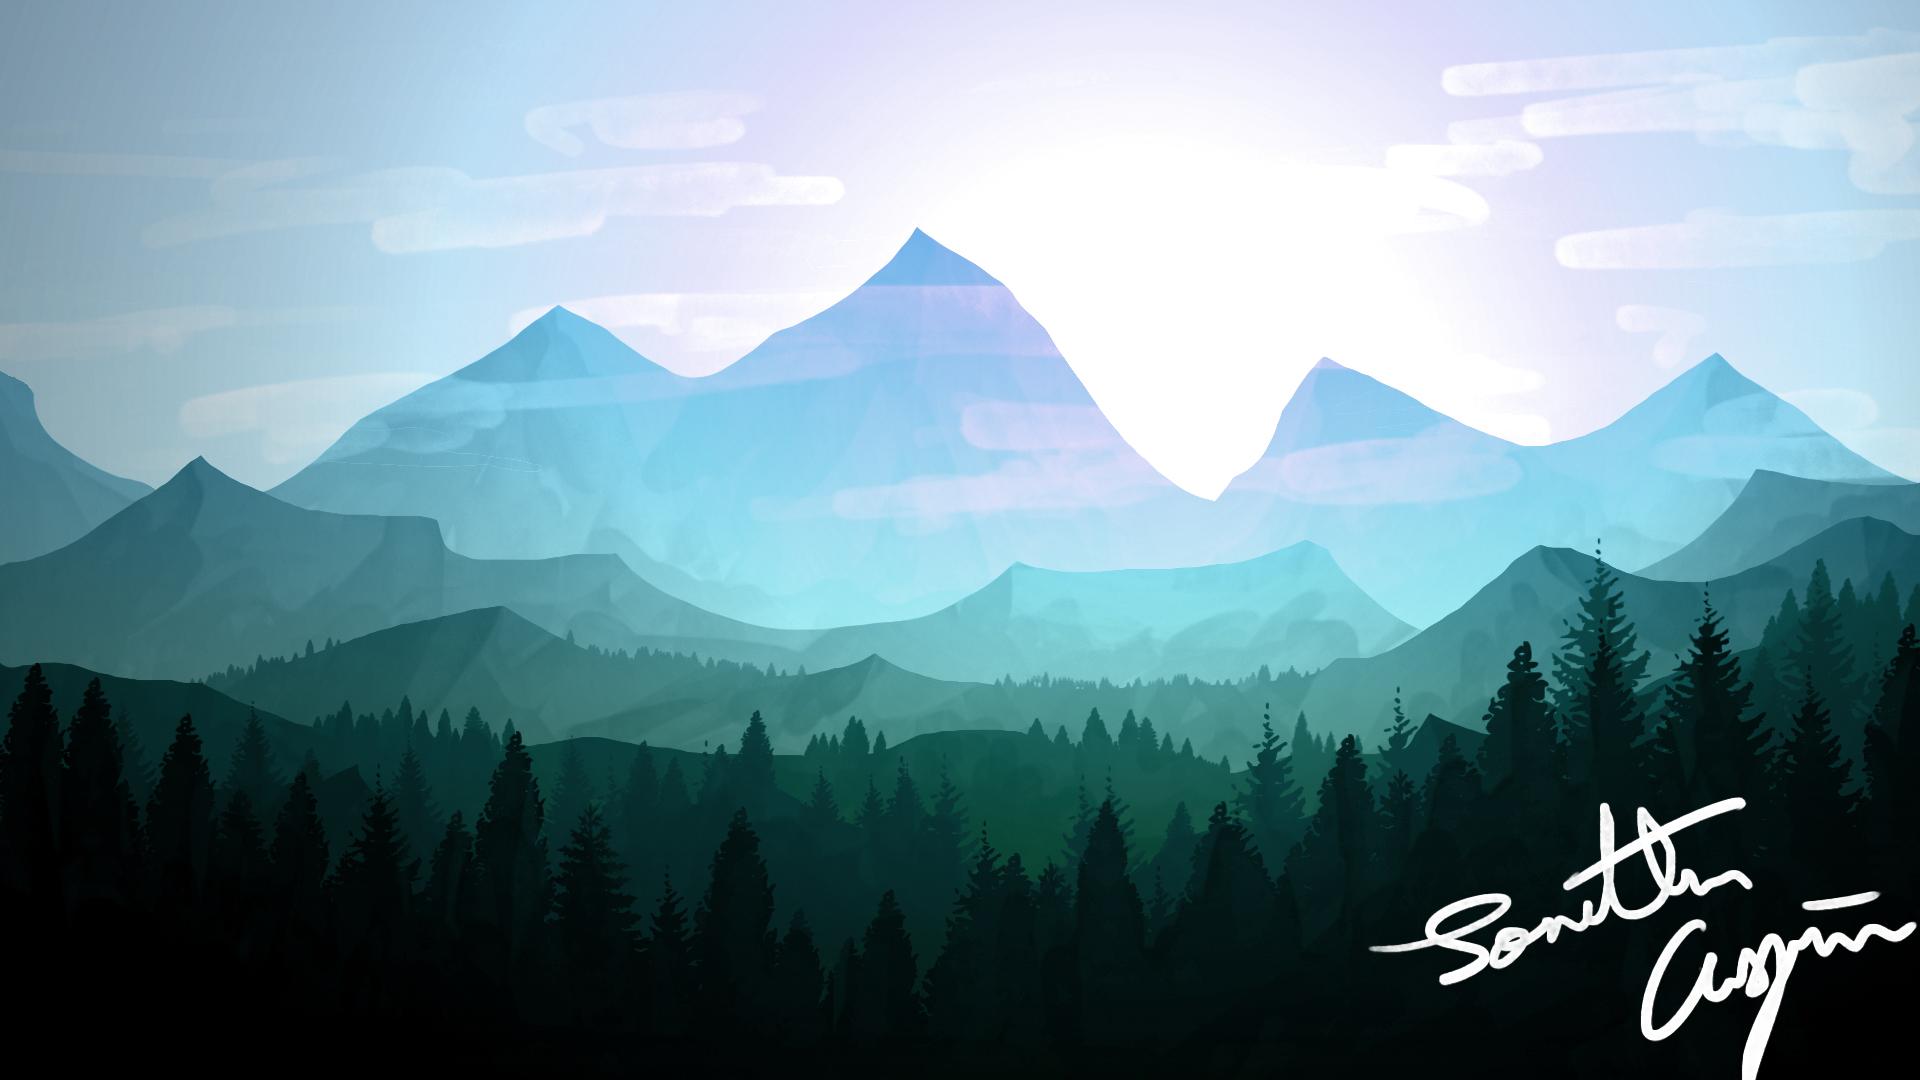 landscape wallpaper 1 - photo #6